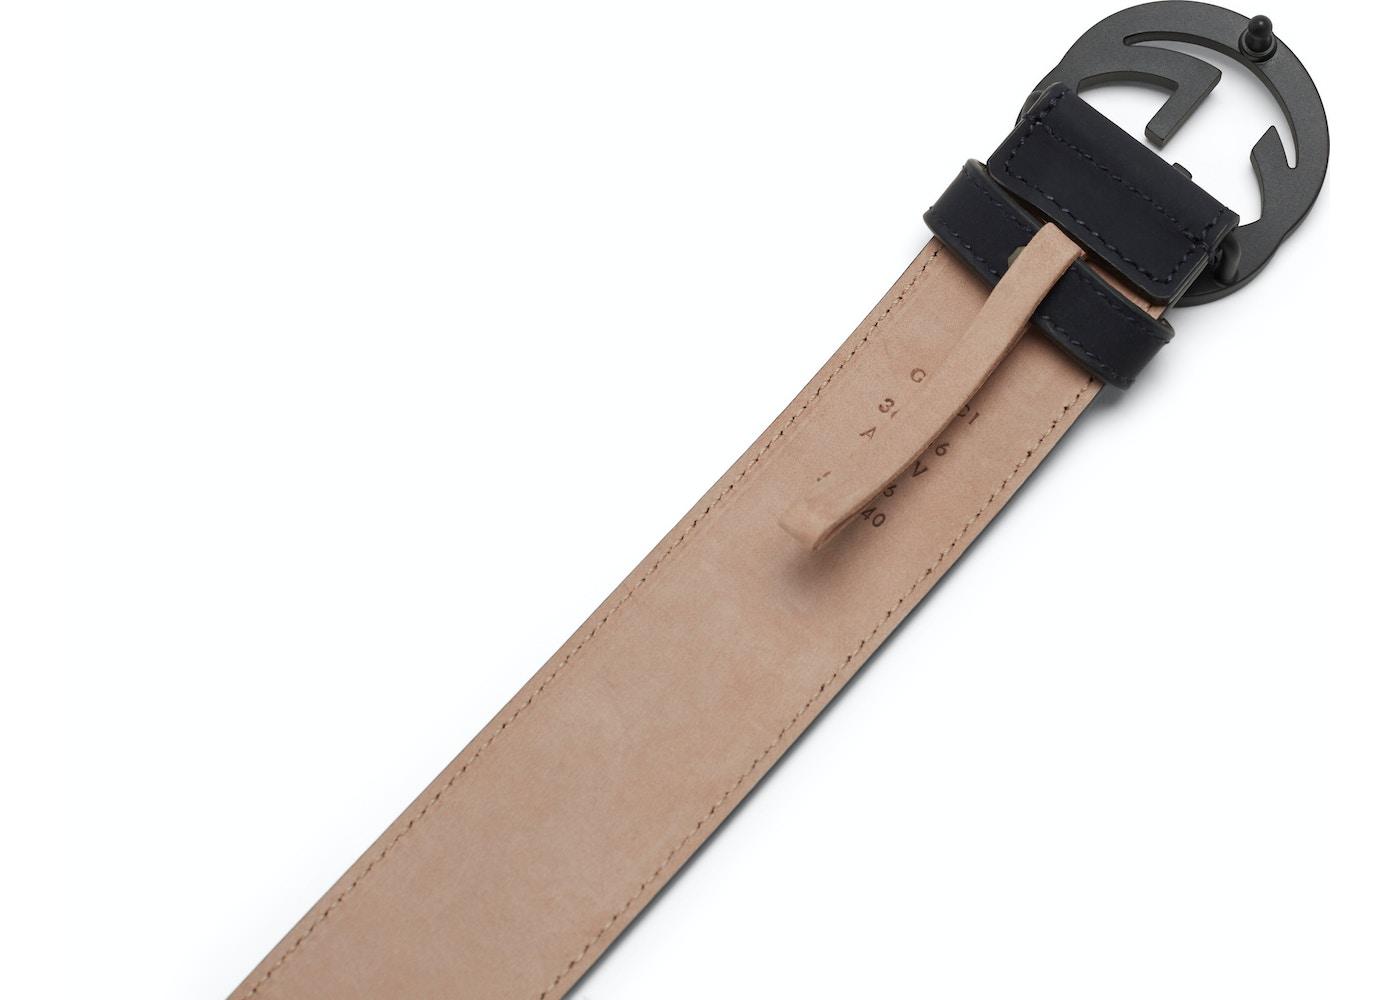 50f450823 Gucci Leather Belt Interlocking G Matte Black Buckle Navy Blue